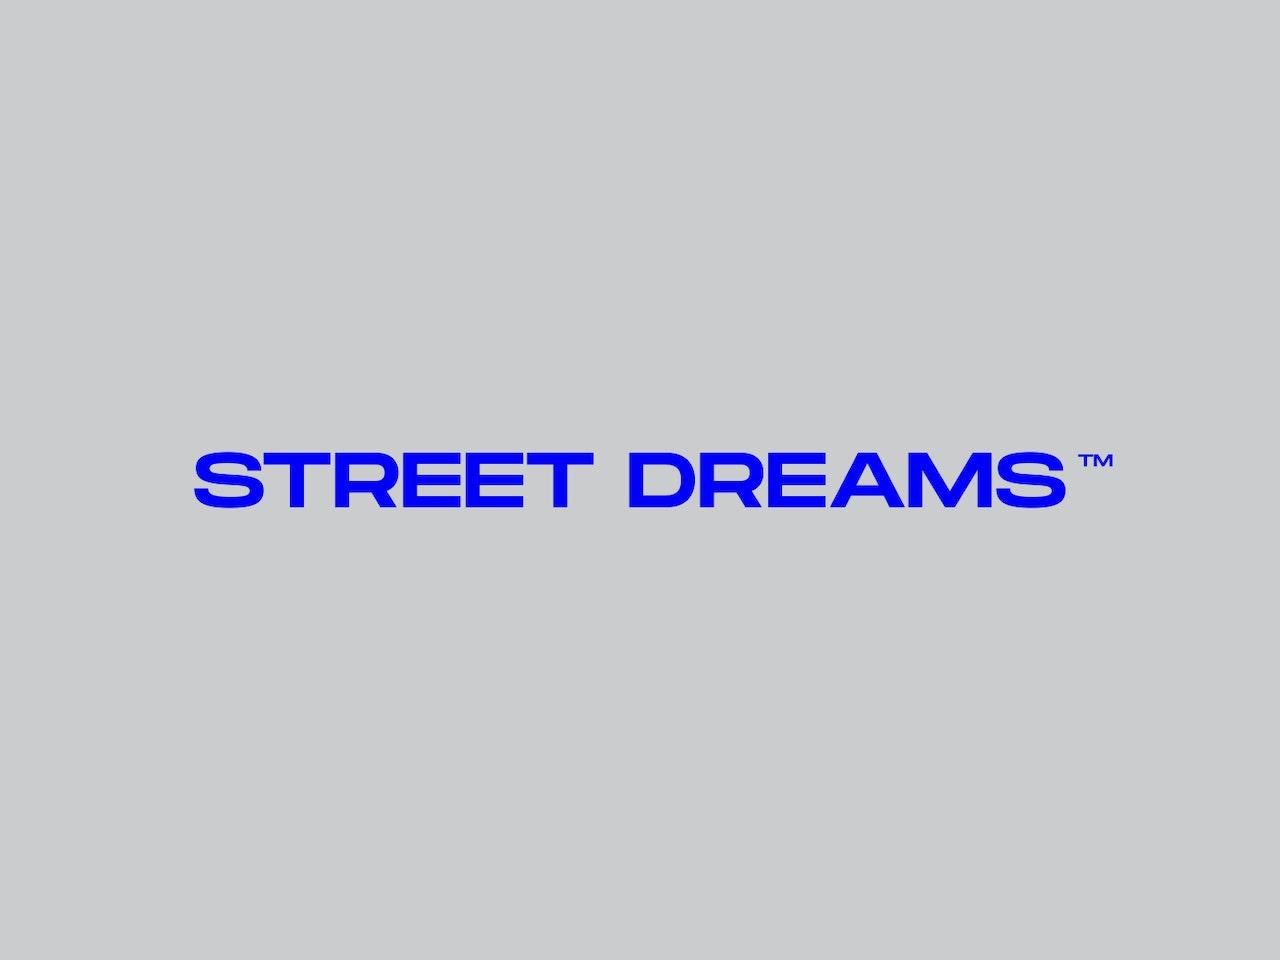 Street Dreams - Brand Presentation by BK.004